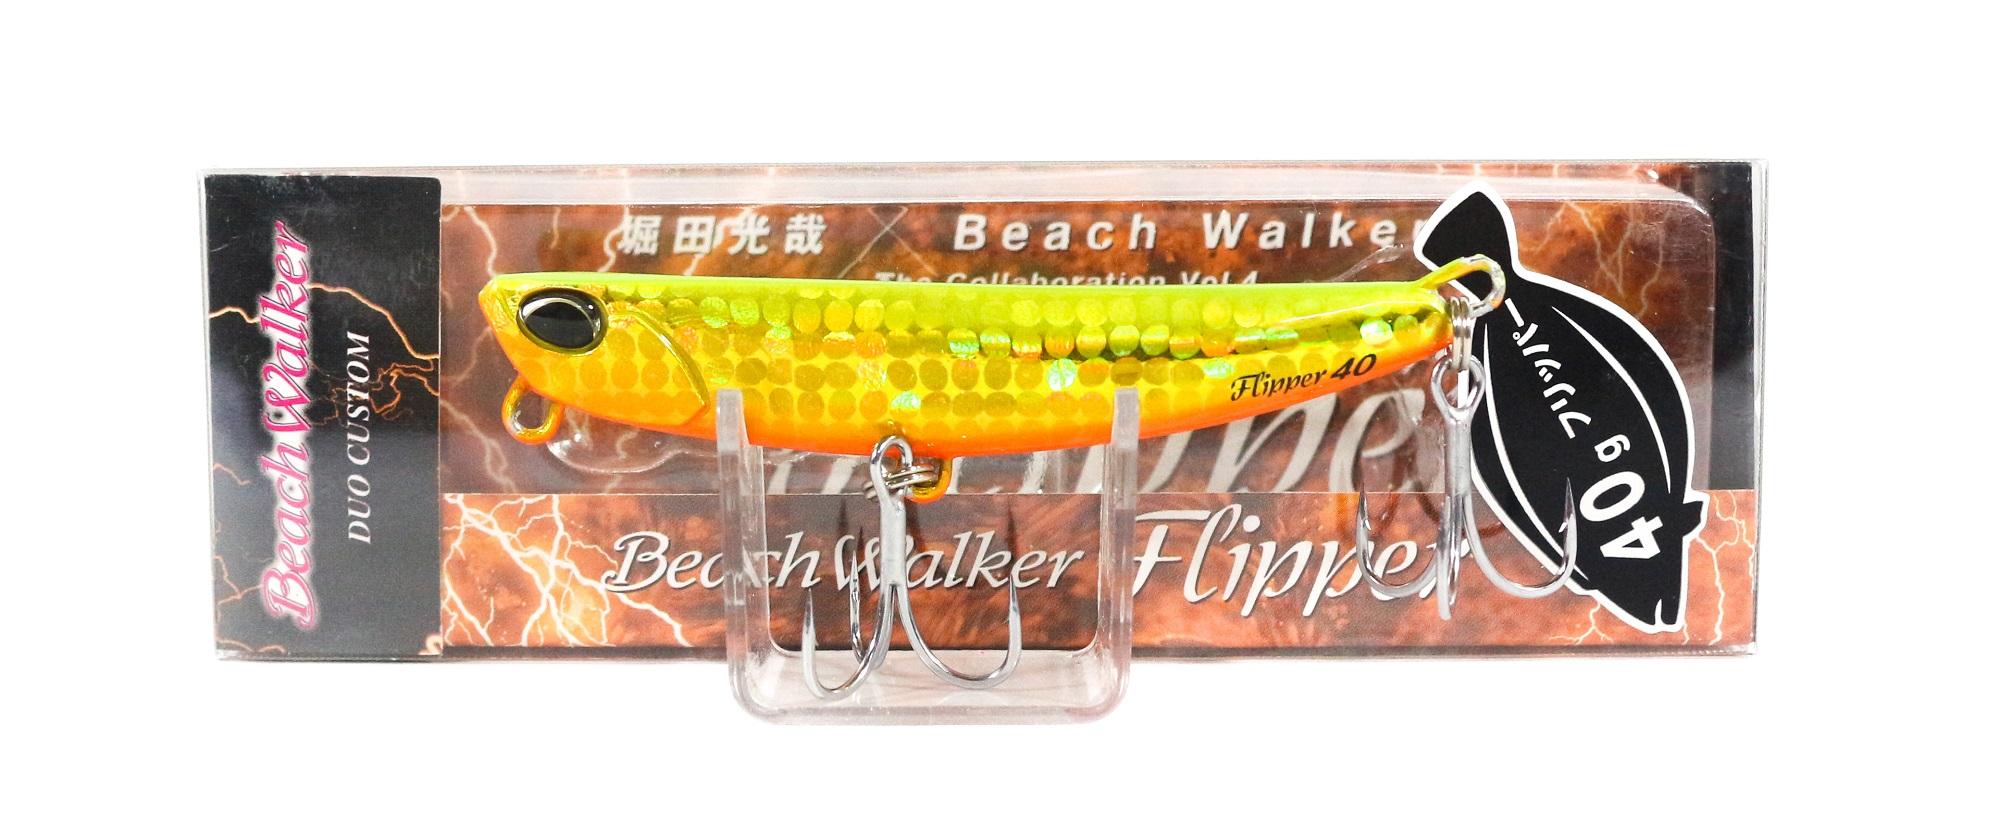 Duo Beach Walker Flipper 40 grams Sinking Lure GQA0063 (3991)